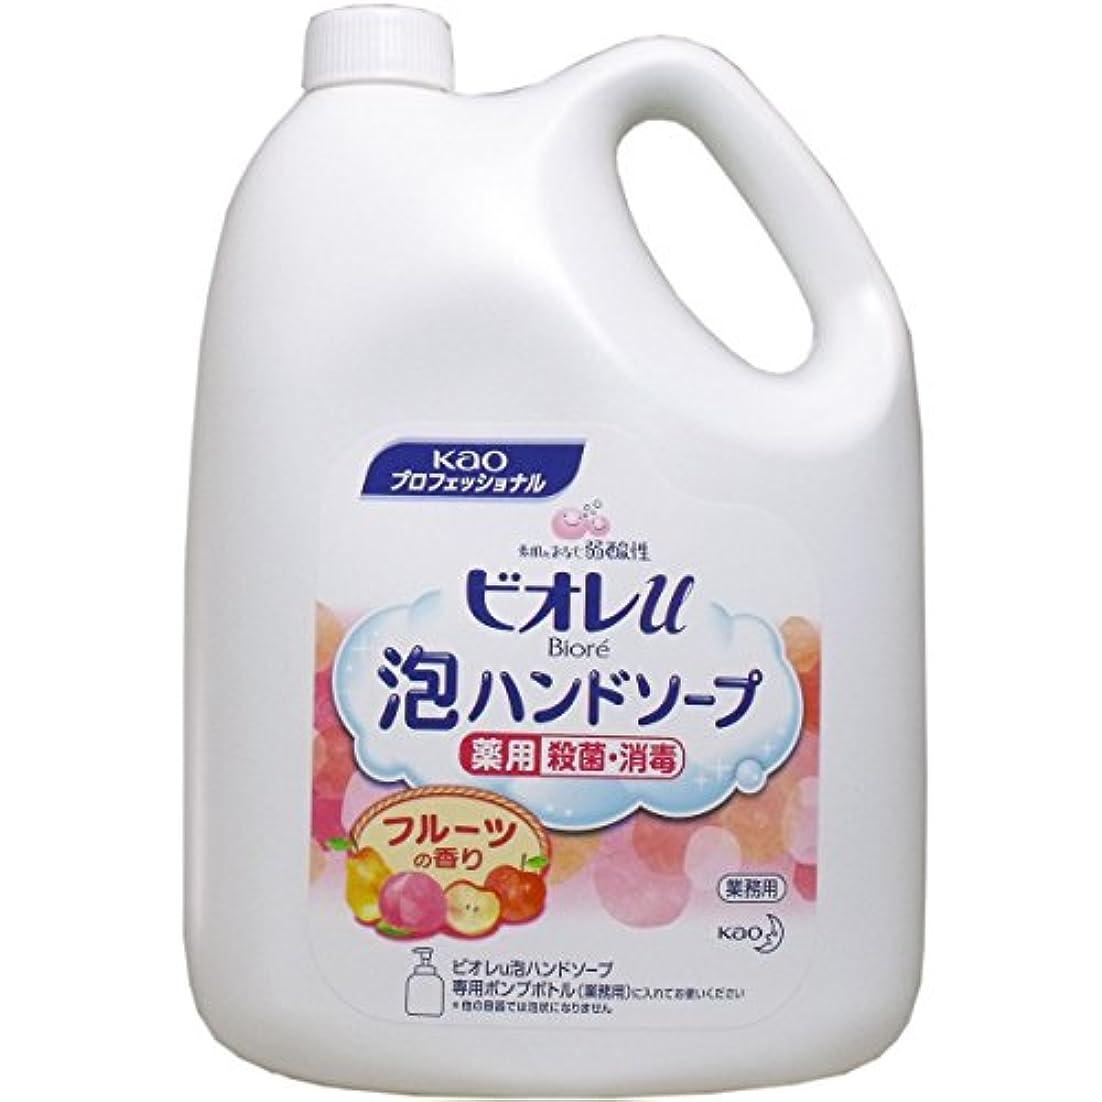 業務用ハンドソープ【花王 業務用ビオレU 泡ハンドソープ フルーツの香り 4L】3本入り